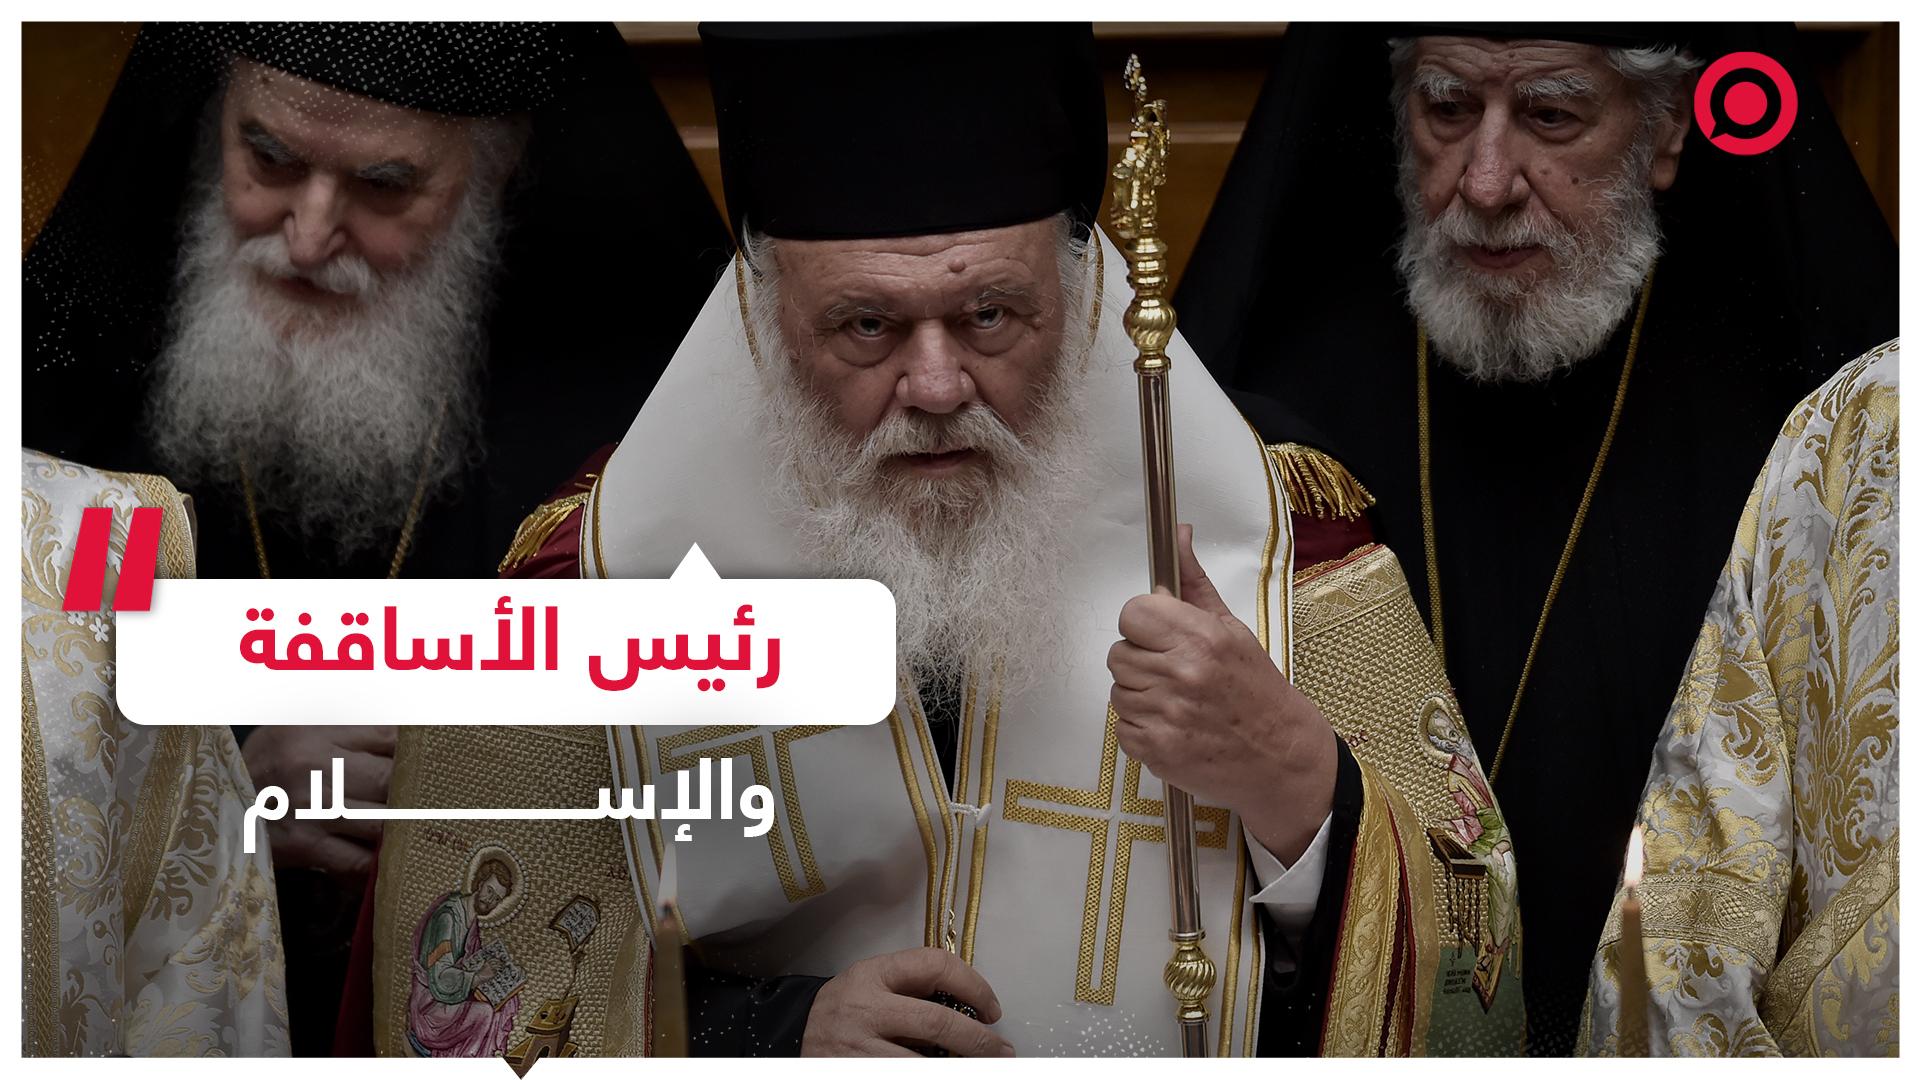 #اليونان #الأزهر #رئيس_أساقفة_اليونان #الإسلام